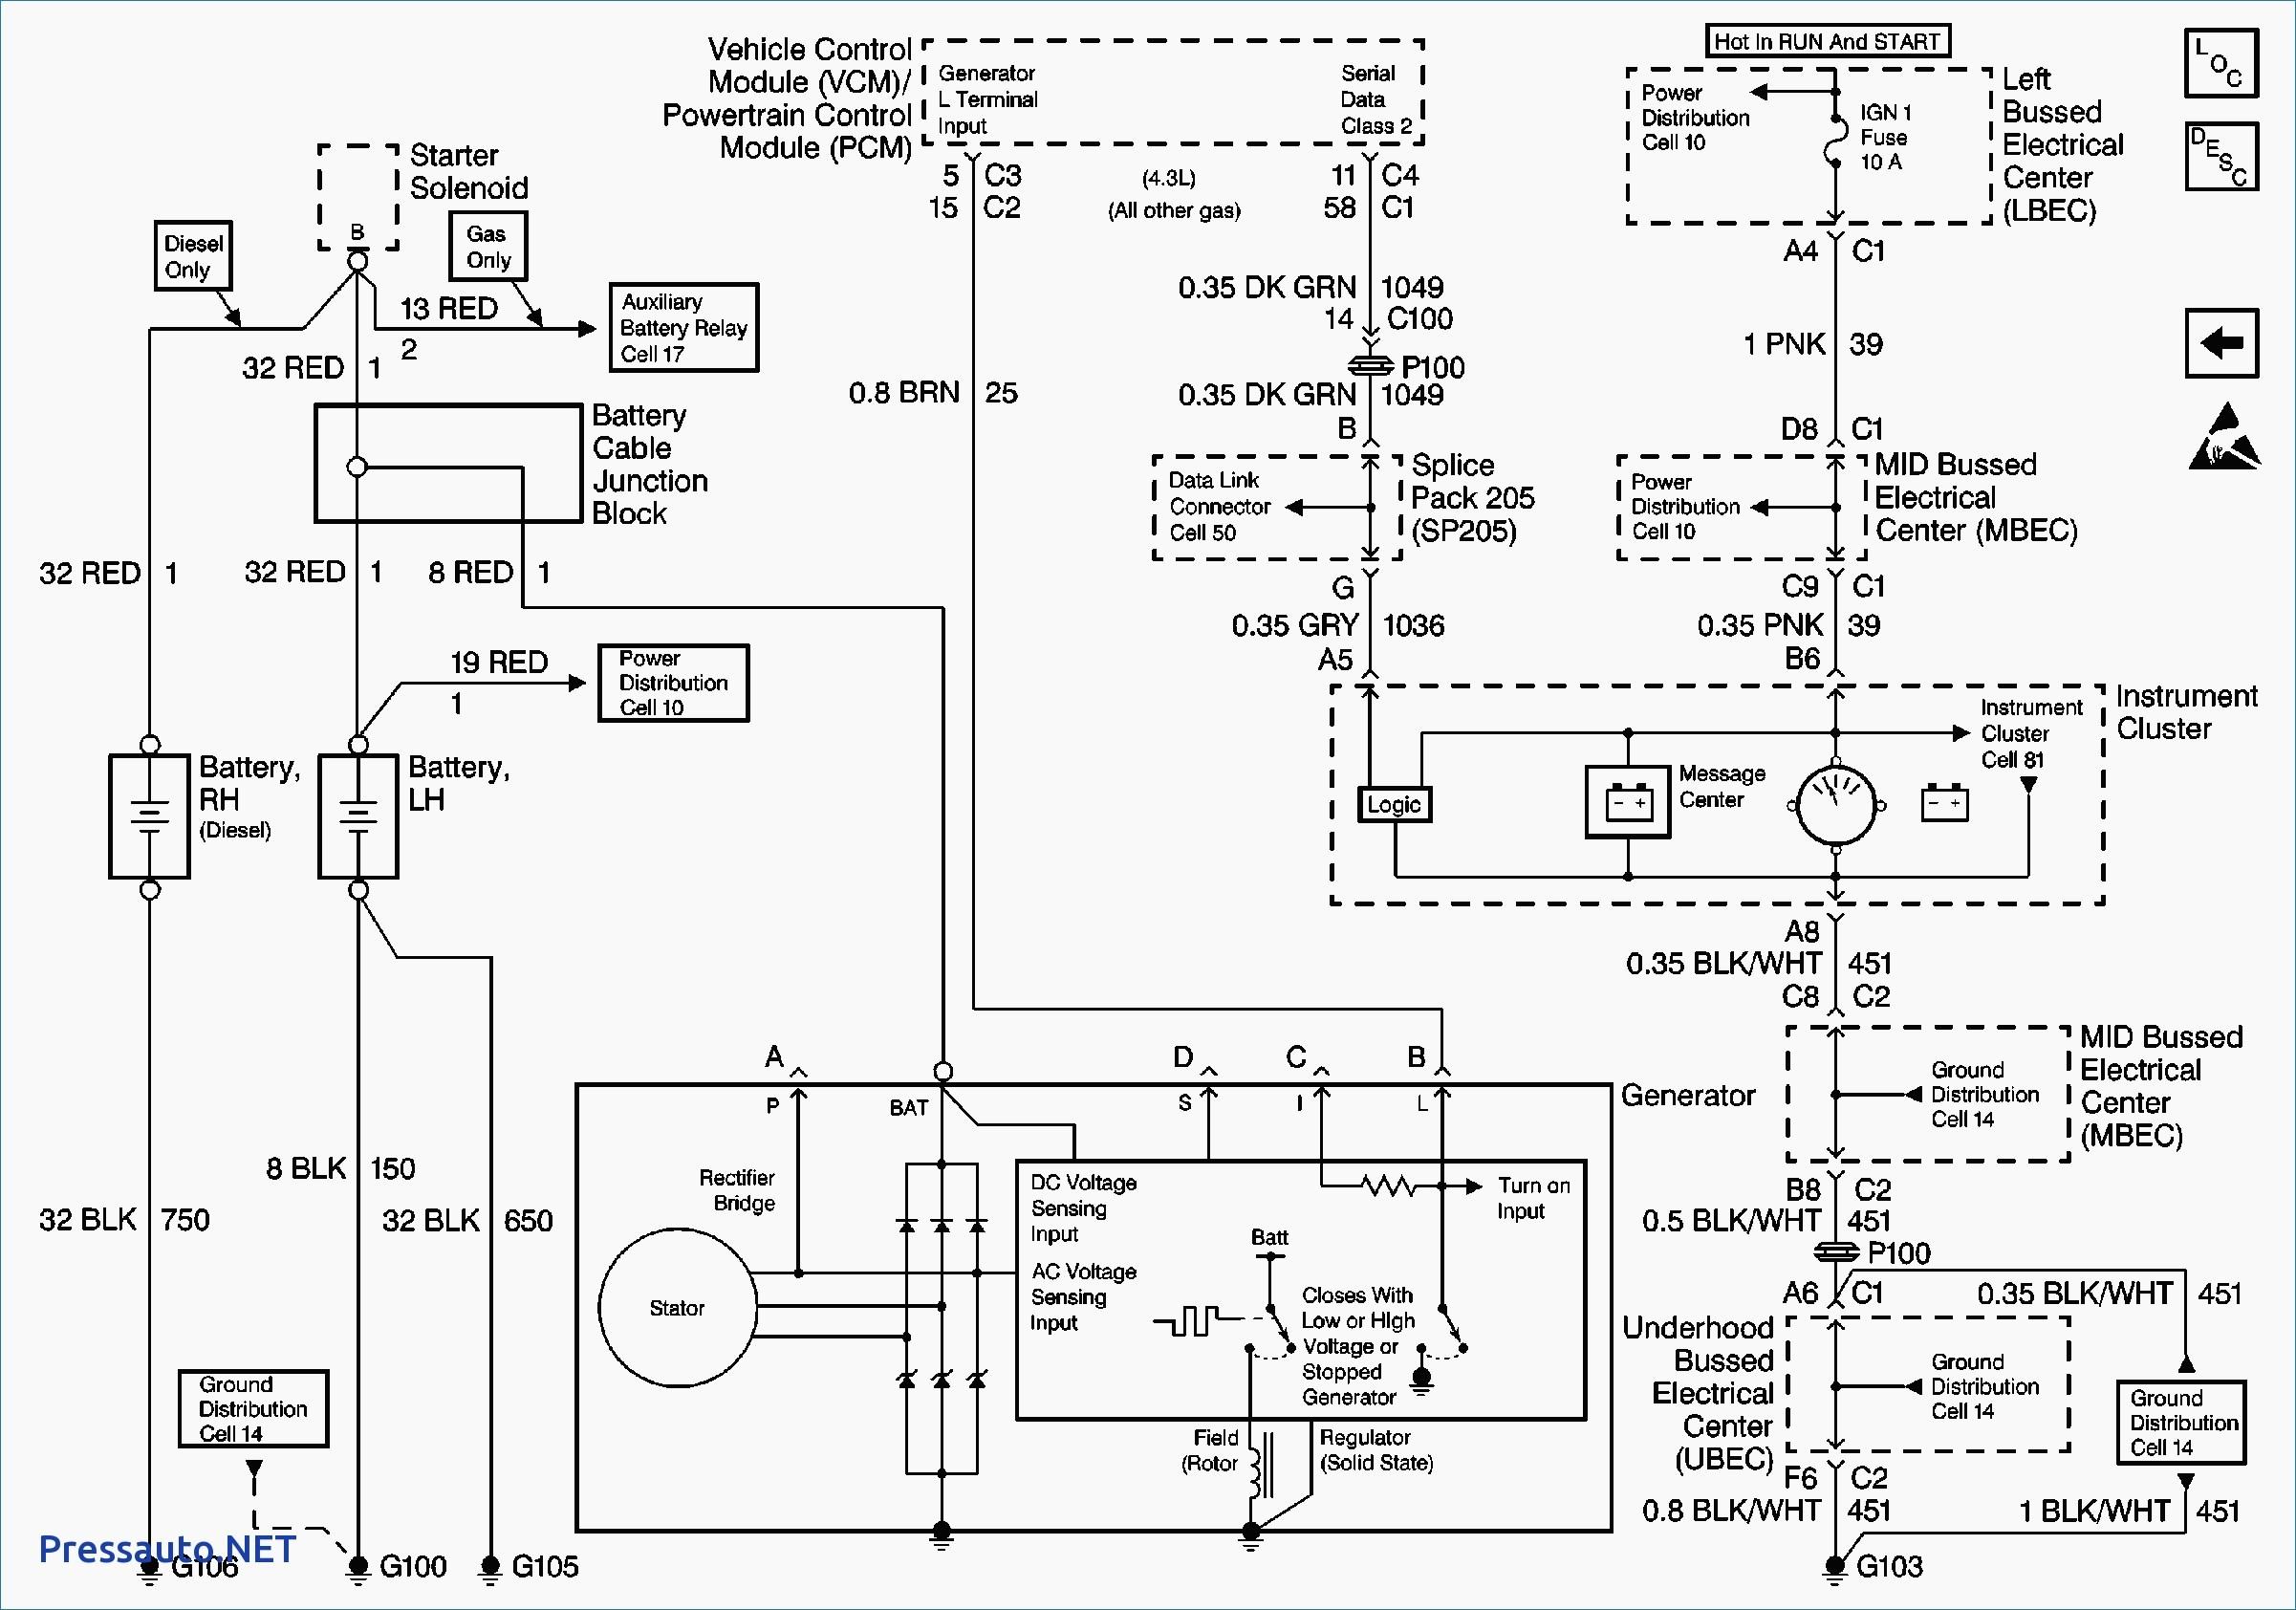 2009 Silverado Wiring Diagram 2003 Chevy Silverado Wiring Diagram Pressauto Net with Wiring Diagrams Of 2009 Silverado Wiring Diagram